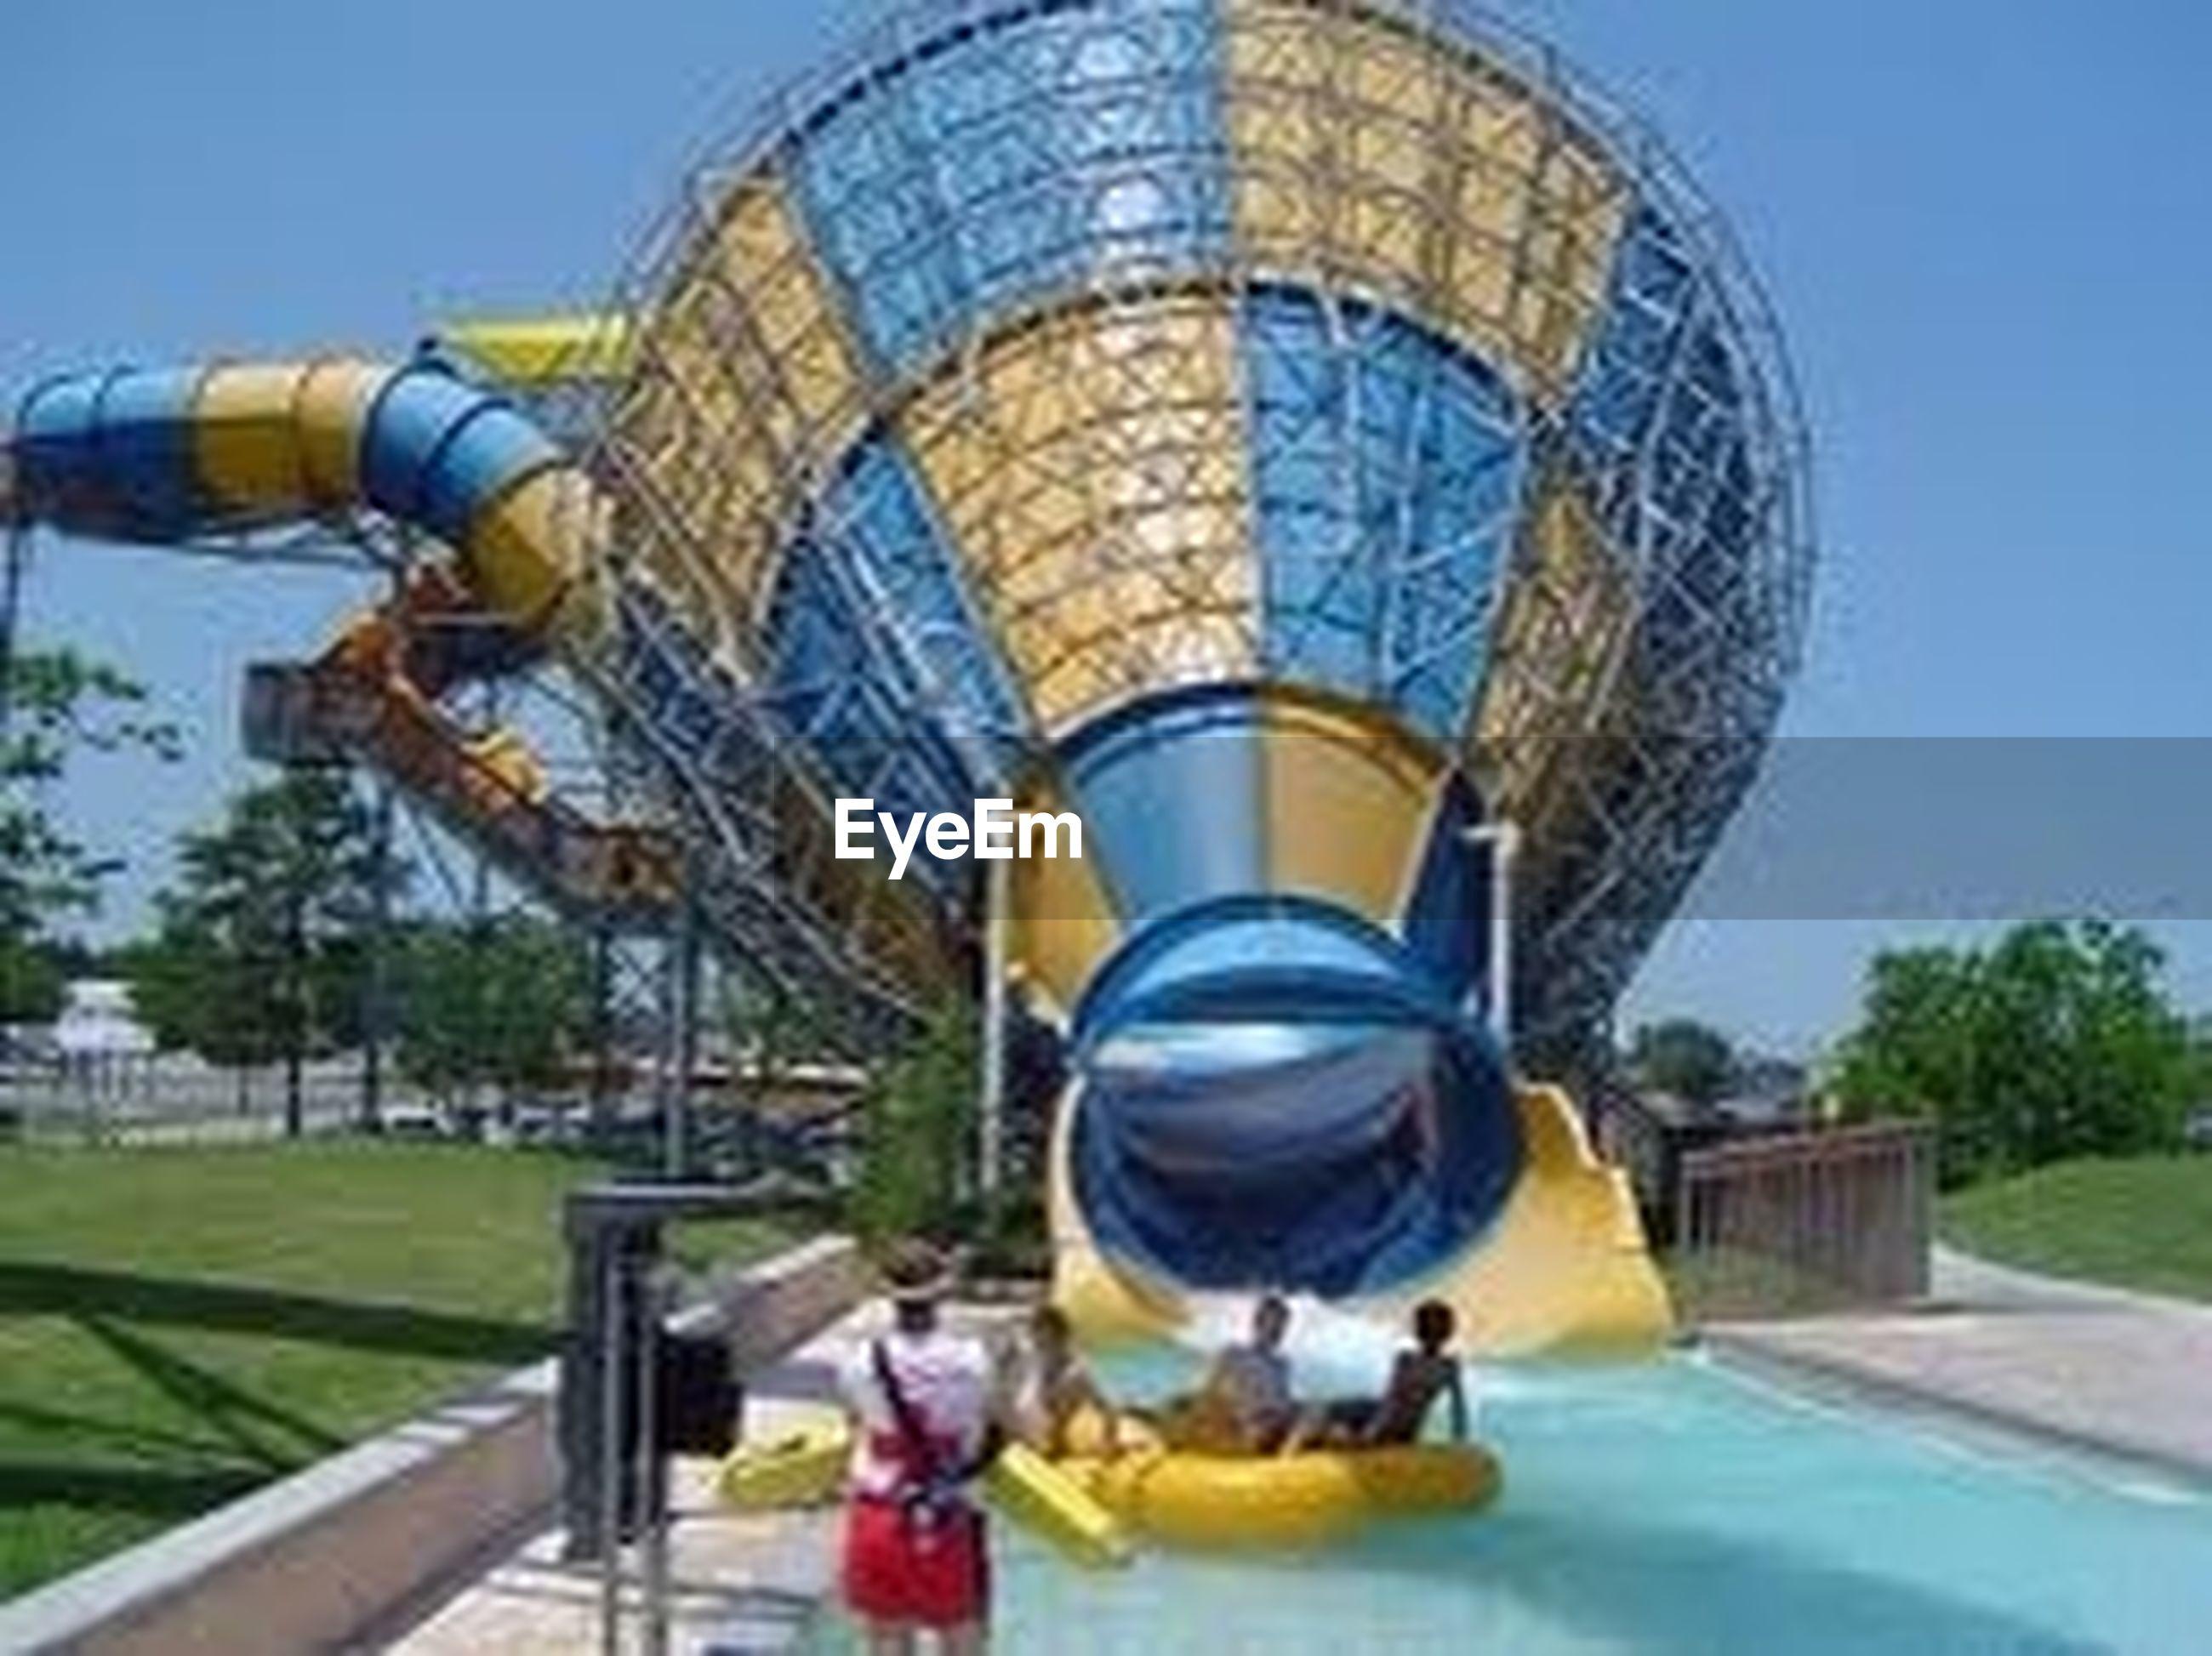 leisure activity, blue, amusement park, lifestyles, clear sky, childhood, amusement park ride, transportation, arts culture and entertainment, built structure, sunlight, sky, travel, architecture, fun, men, ferris wheel, outdoors